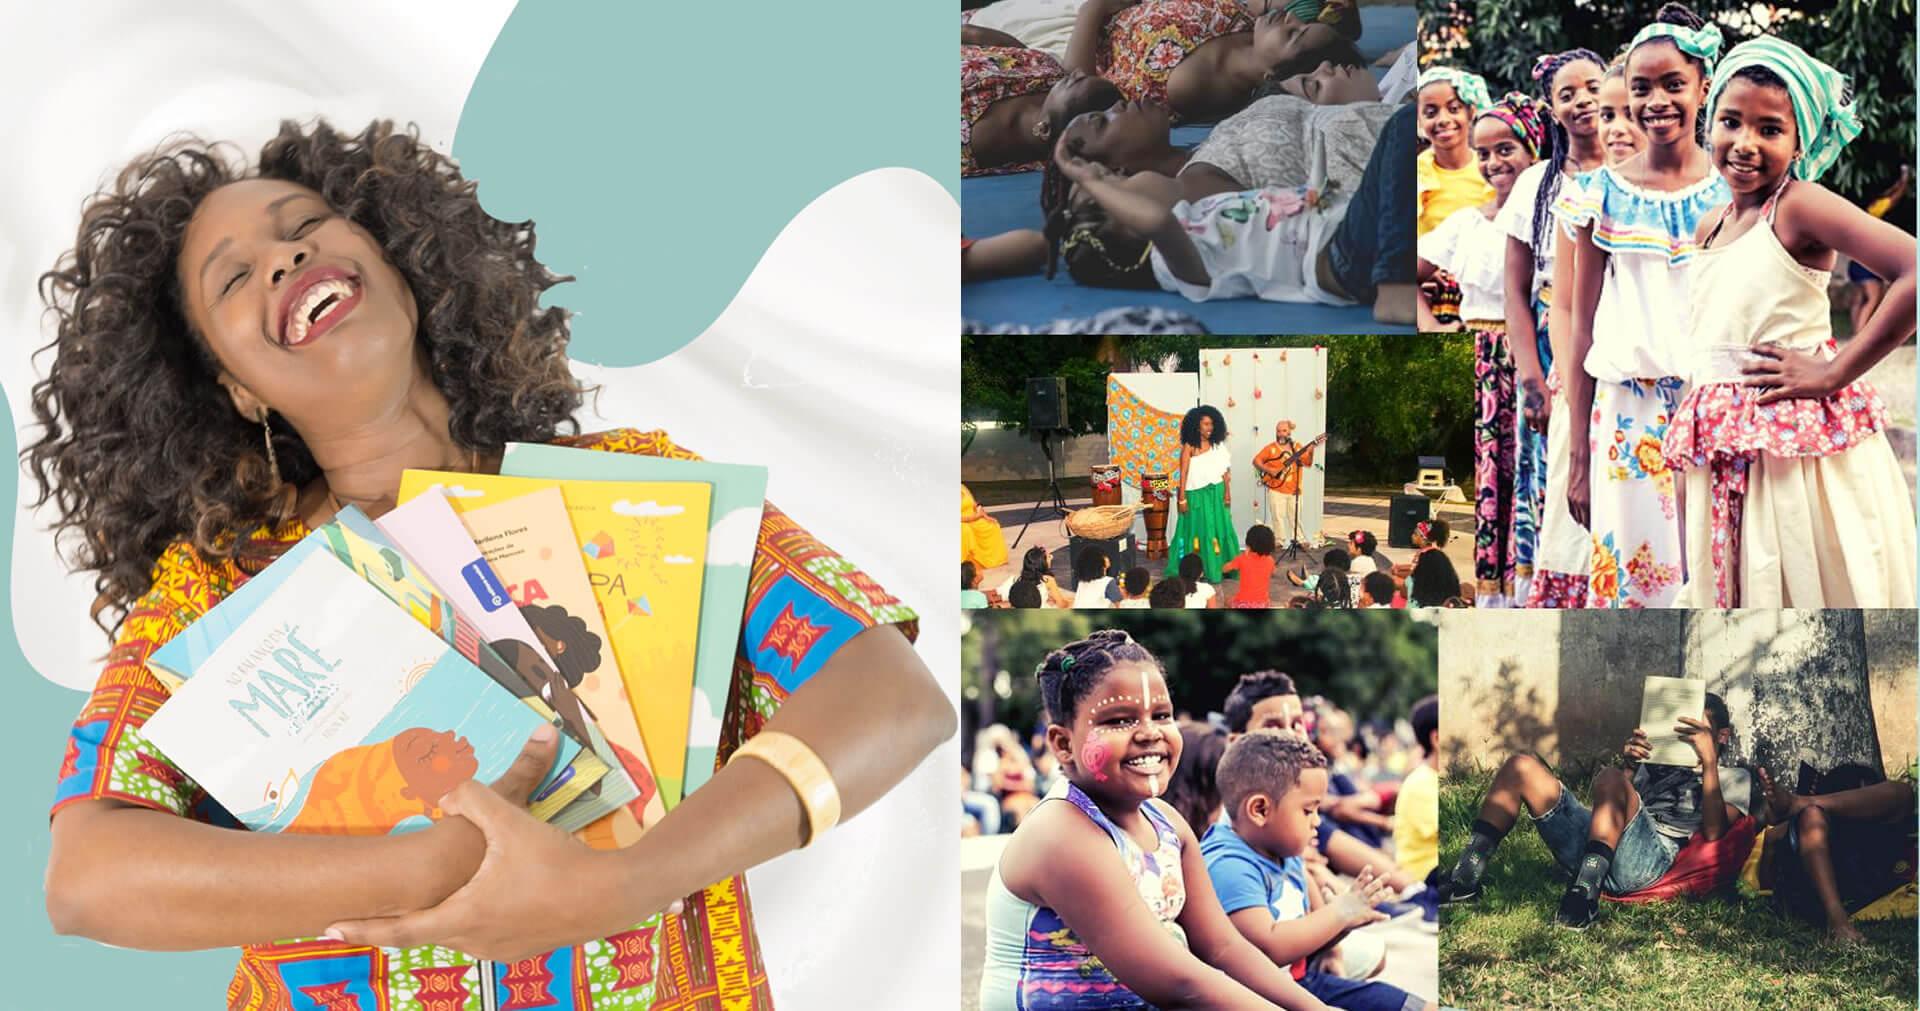 Campanha junta recursos para realizar evento gratuito que exalta a diversidade na infância